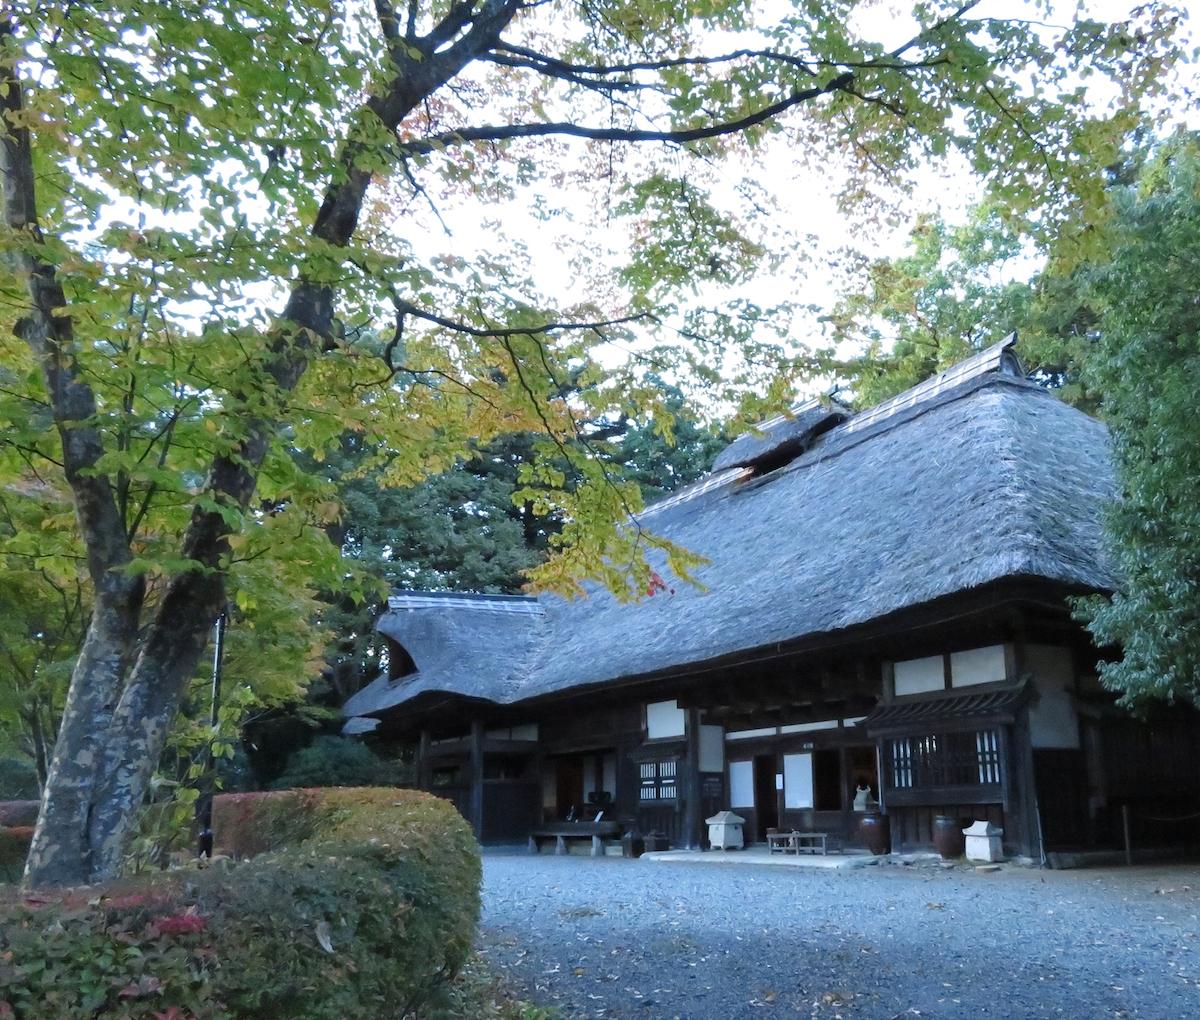 濱田庄司記念益子参考館に保存されている茅葺の自邸。内部には愛用した家具なども展示されている